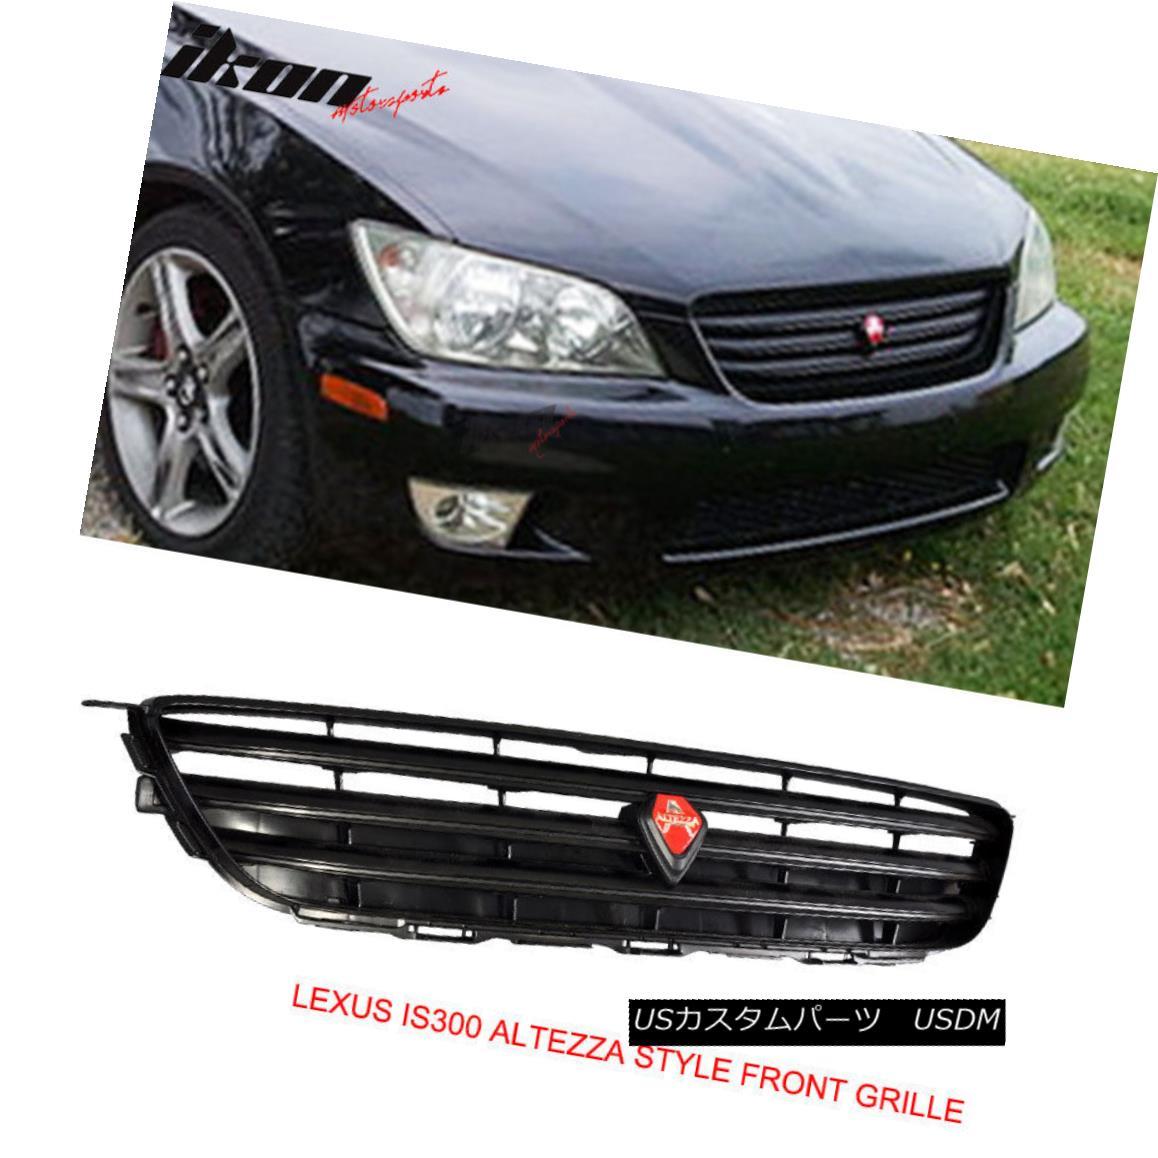 グリル For 01-05 Lexus IS300 IS200 Jce10 4Dr ABS Black VIP Front Upper Hood Mesh Grille 01-05レクサスIS300 IS200 Jce10 4Dr ABSブラックVIPフロントアッパーフードメッシュグリル